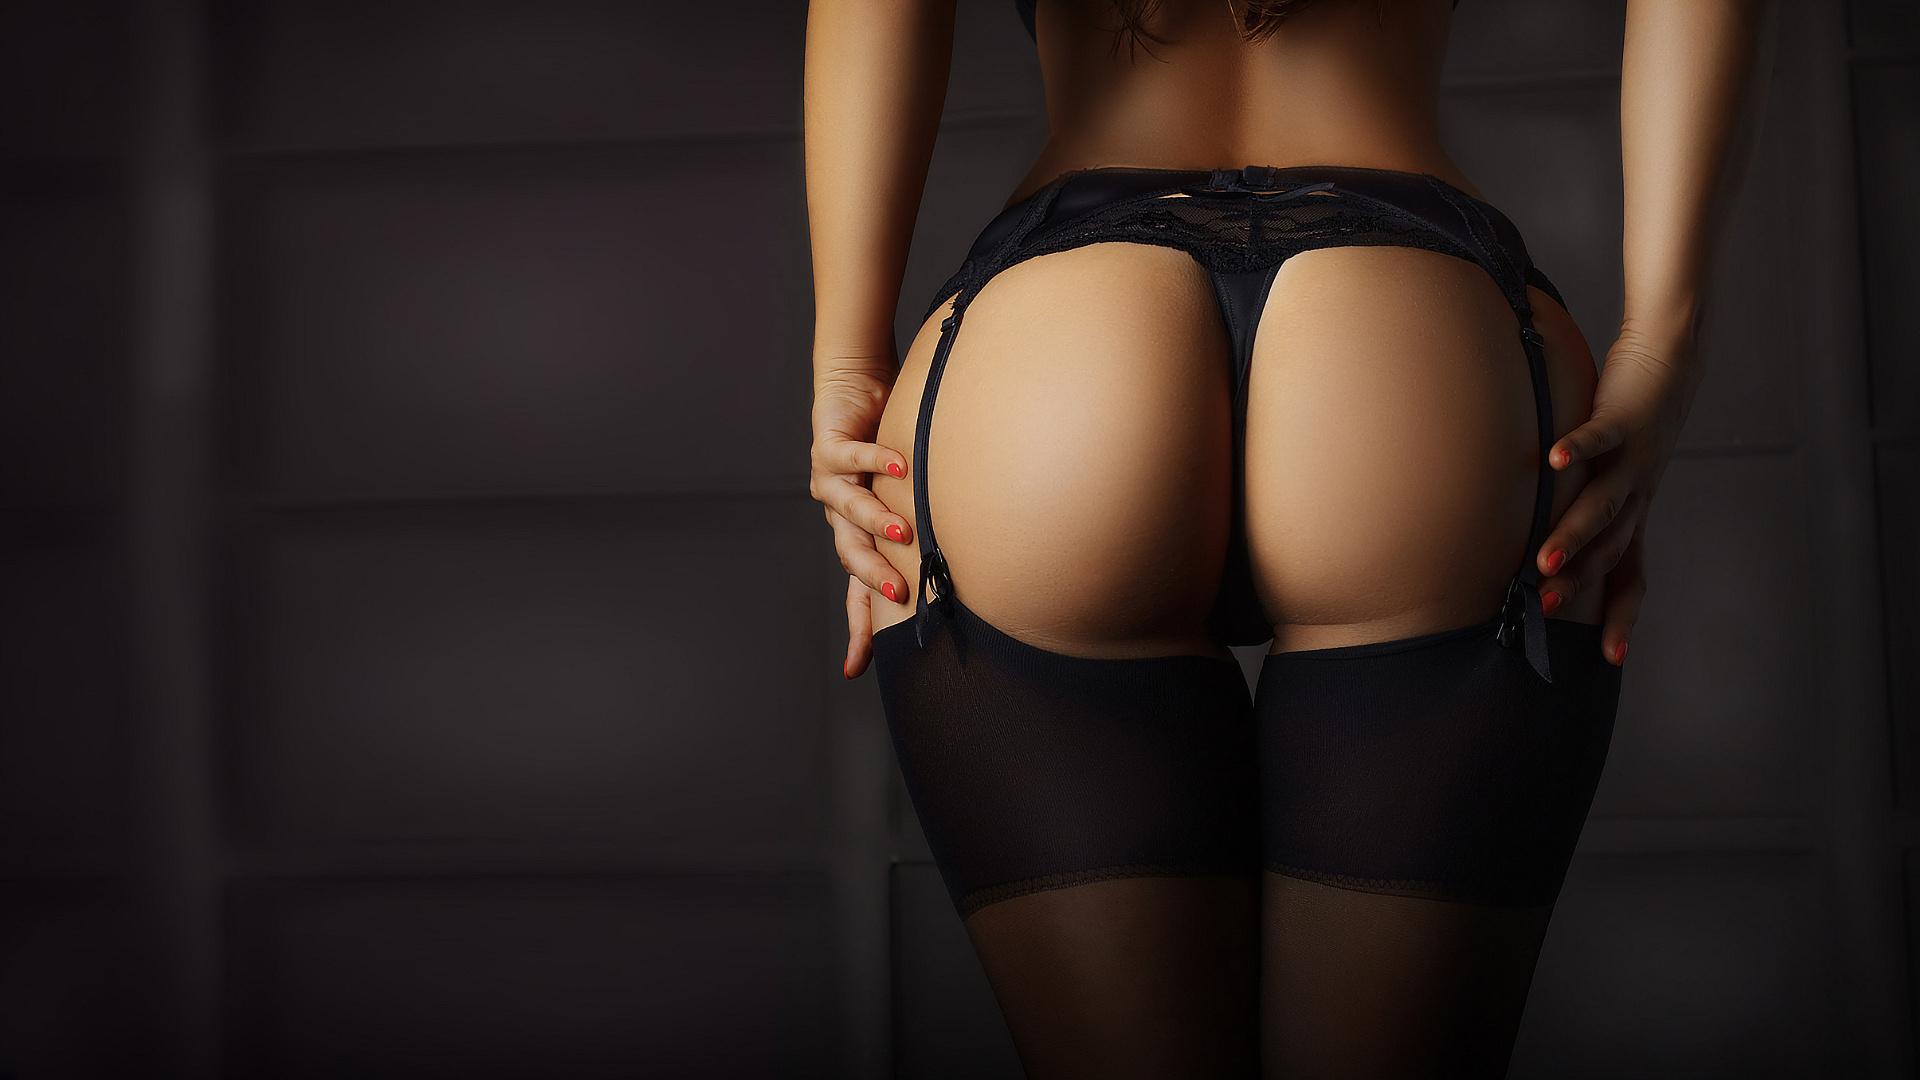 Сладкие большие попы женщин, Порно с большими попками Видео 25 фотография